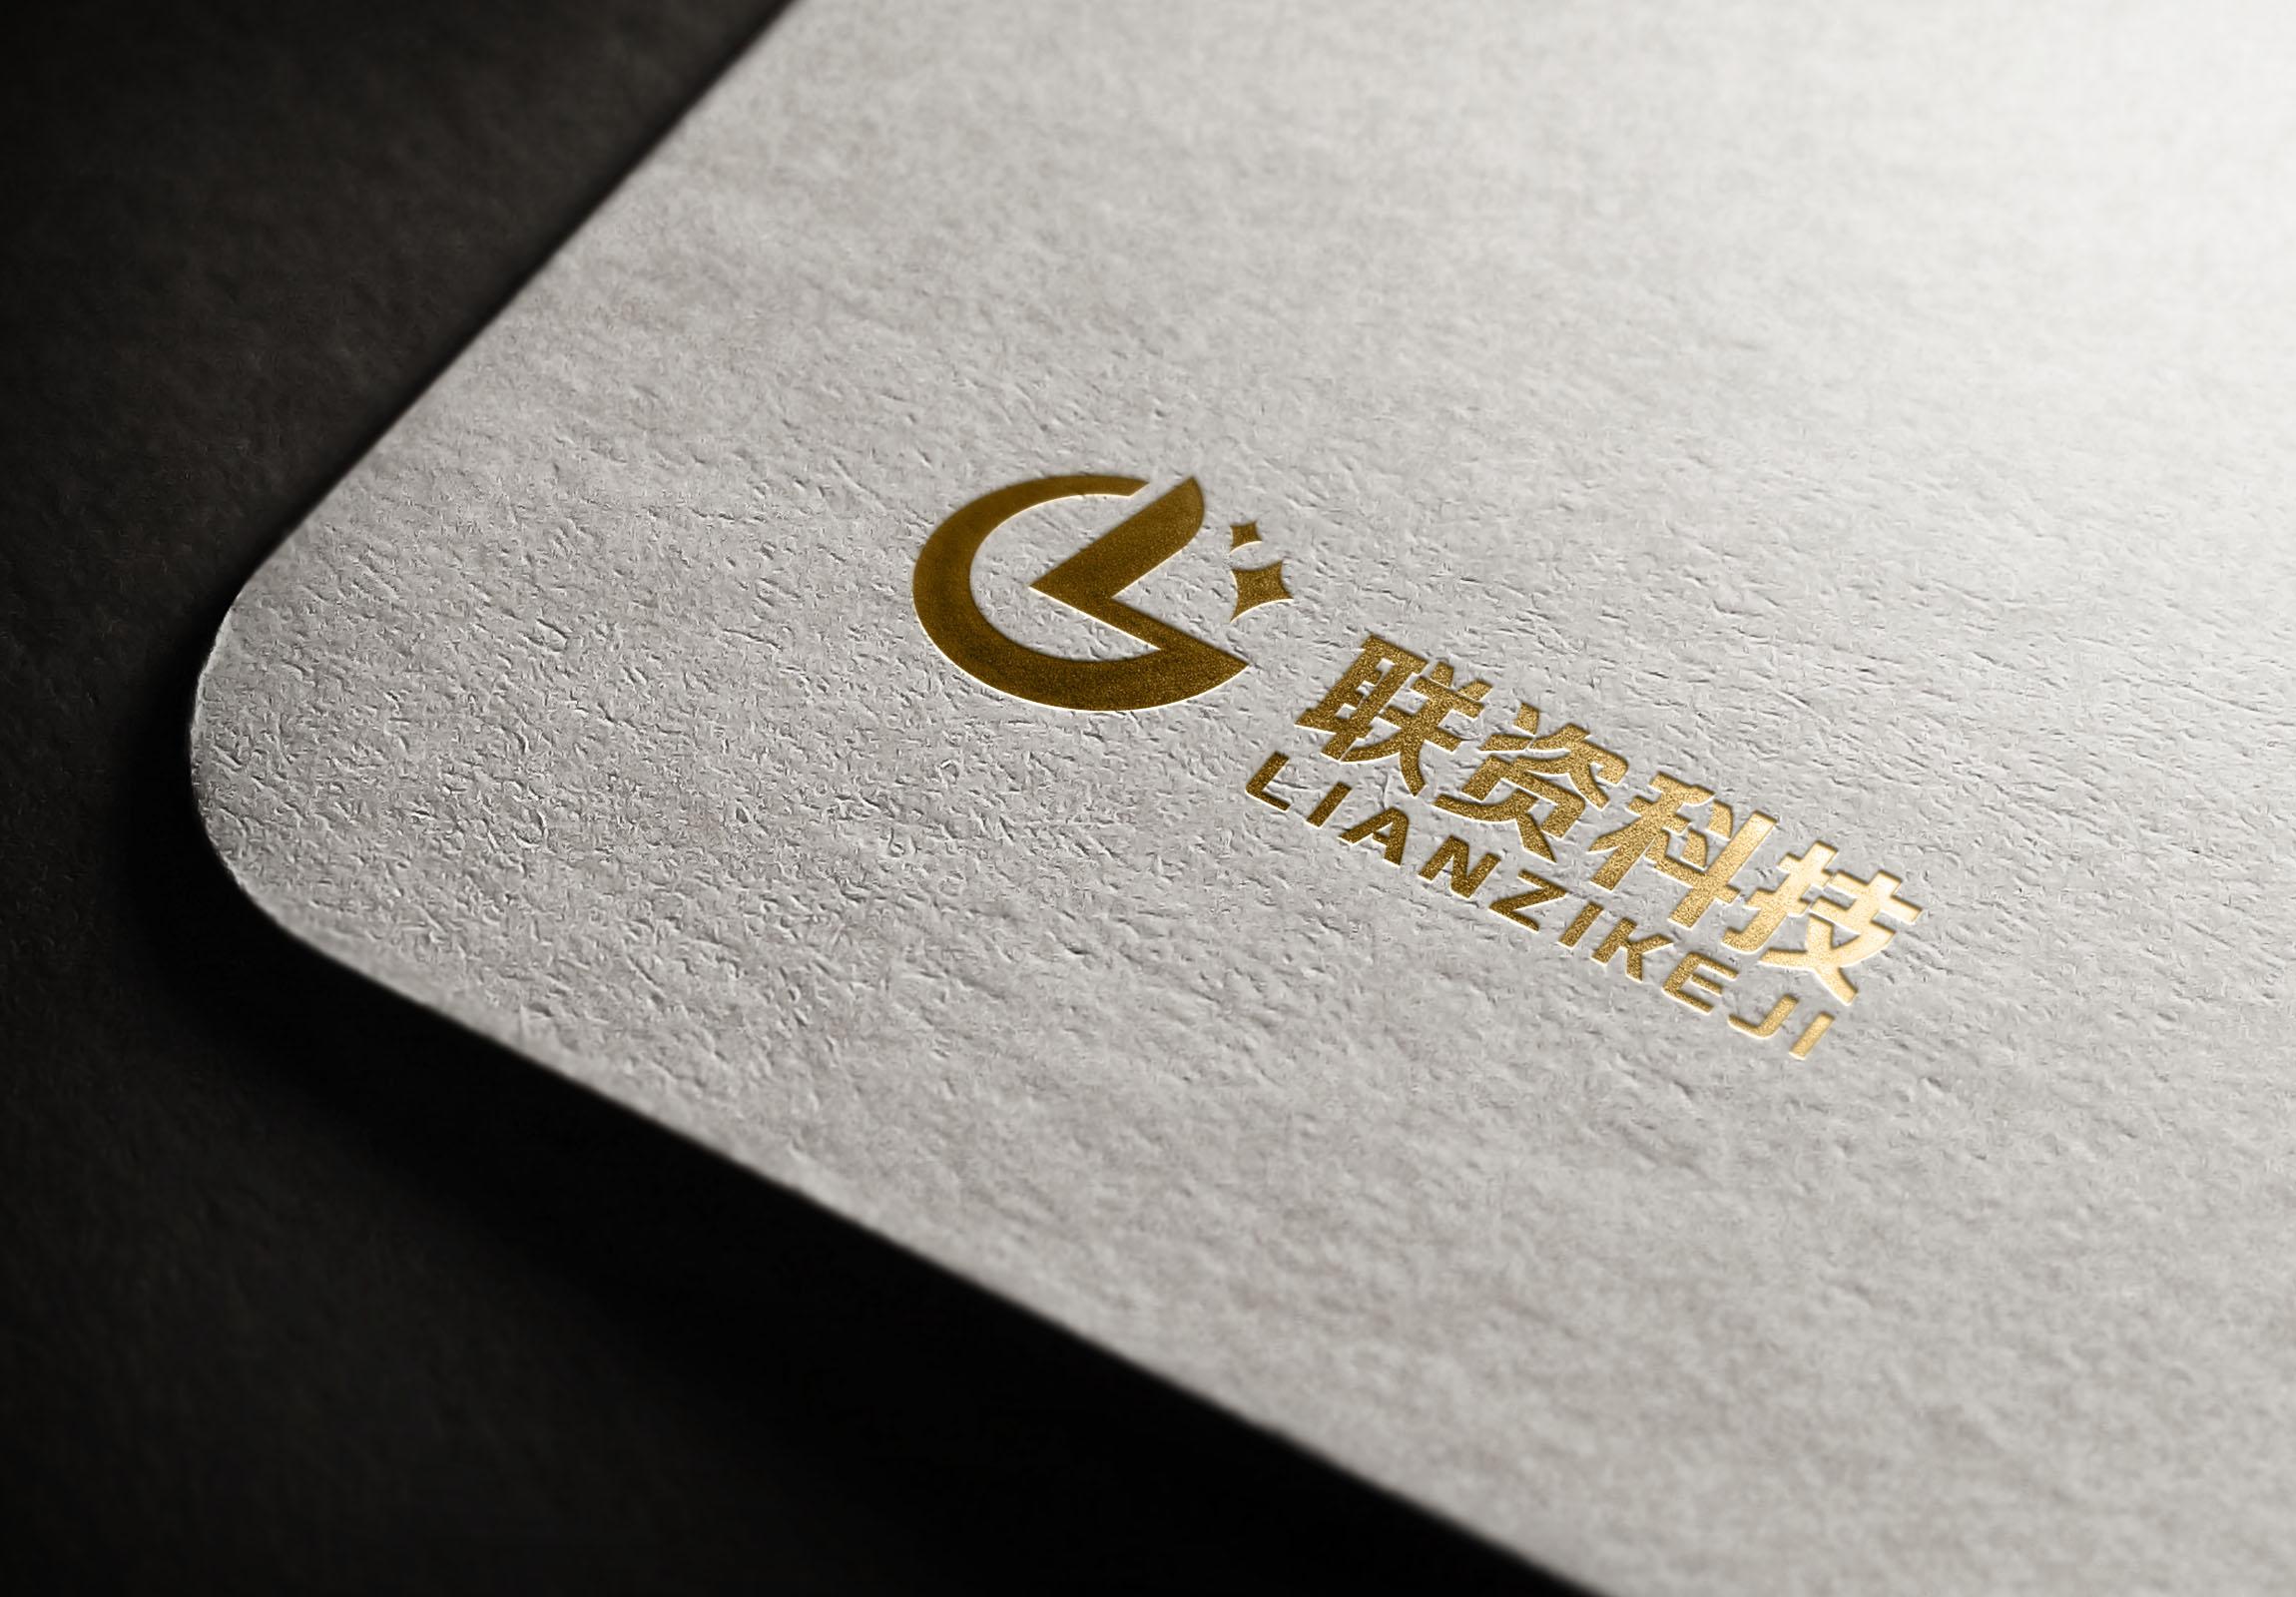 石化行业公司Logo设计_2963263_k68威客网